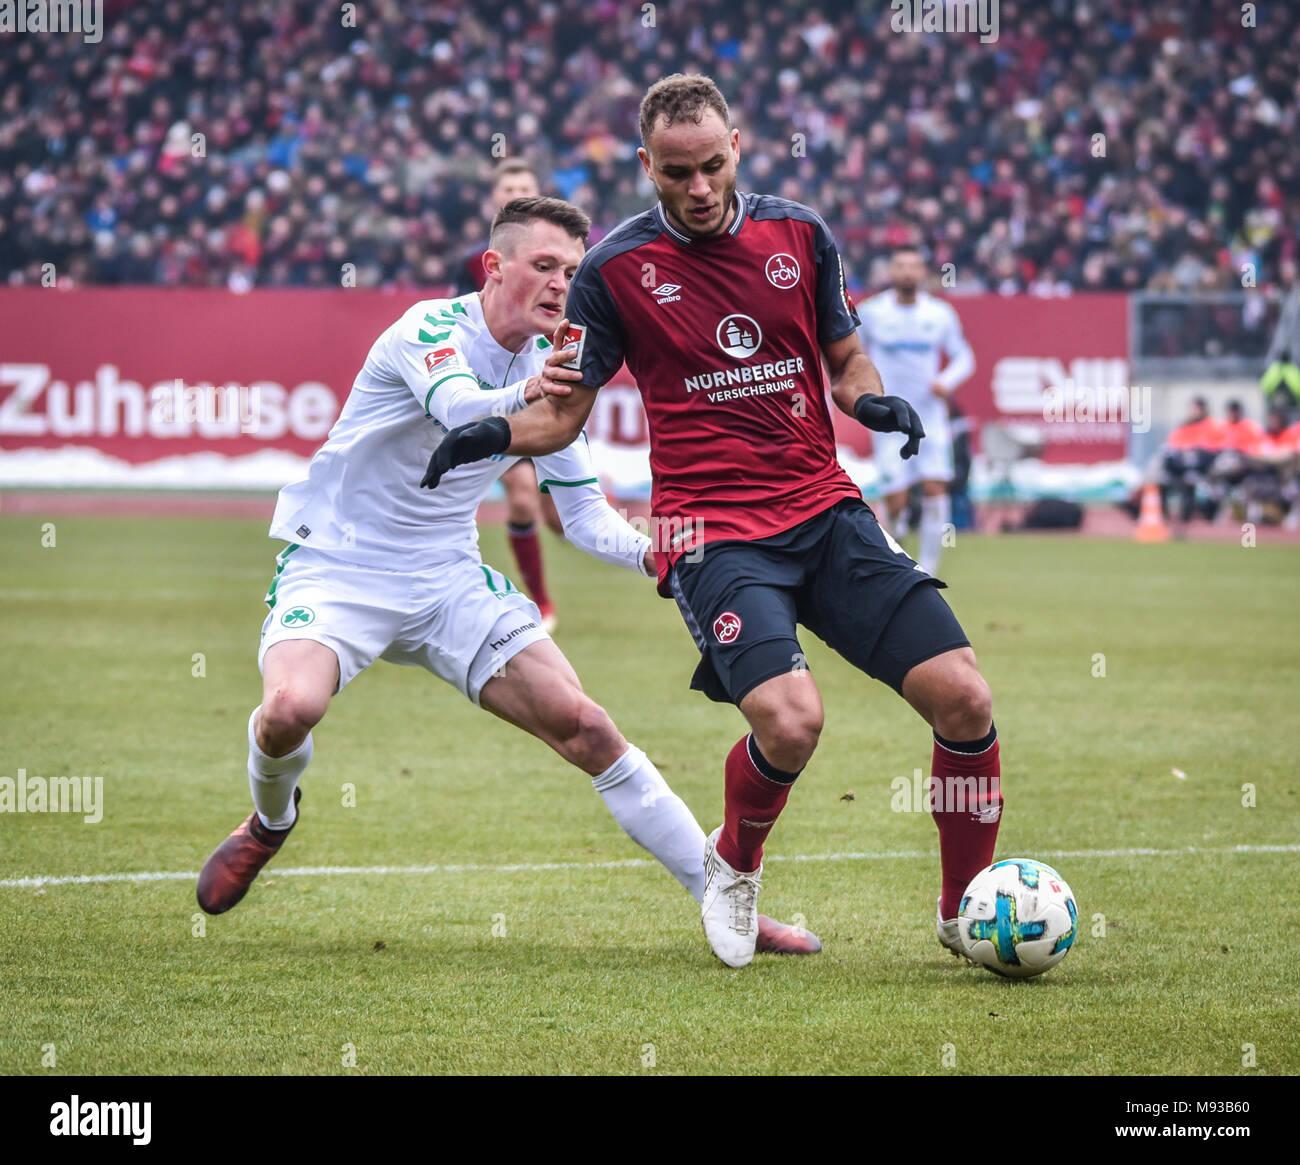 Germany, Nuernberg, Max-Morlock-Stadion, 03 March 2018 - 2.Bundesliga - 1.FC Nürnberg vs. SpVgg Greuther Fürth - 264th Franken Derby! Stock Photo